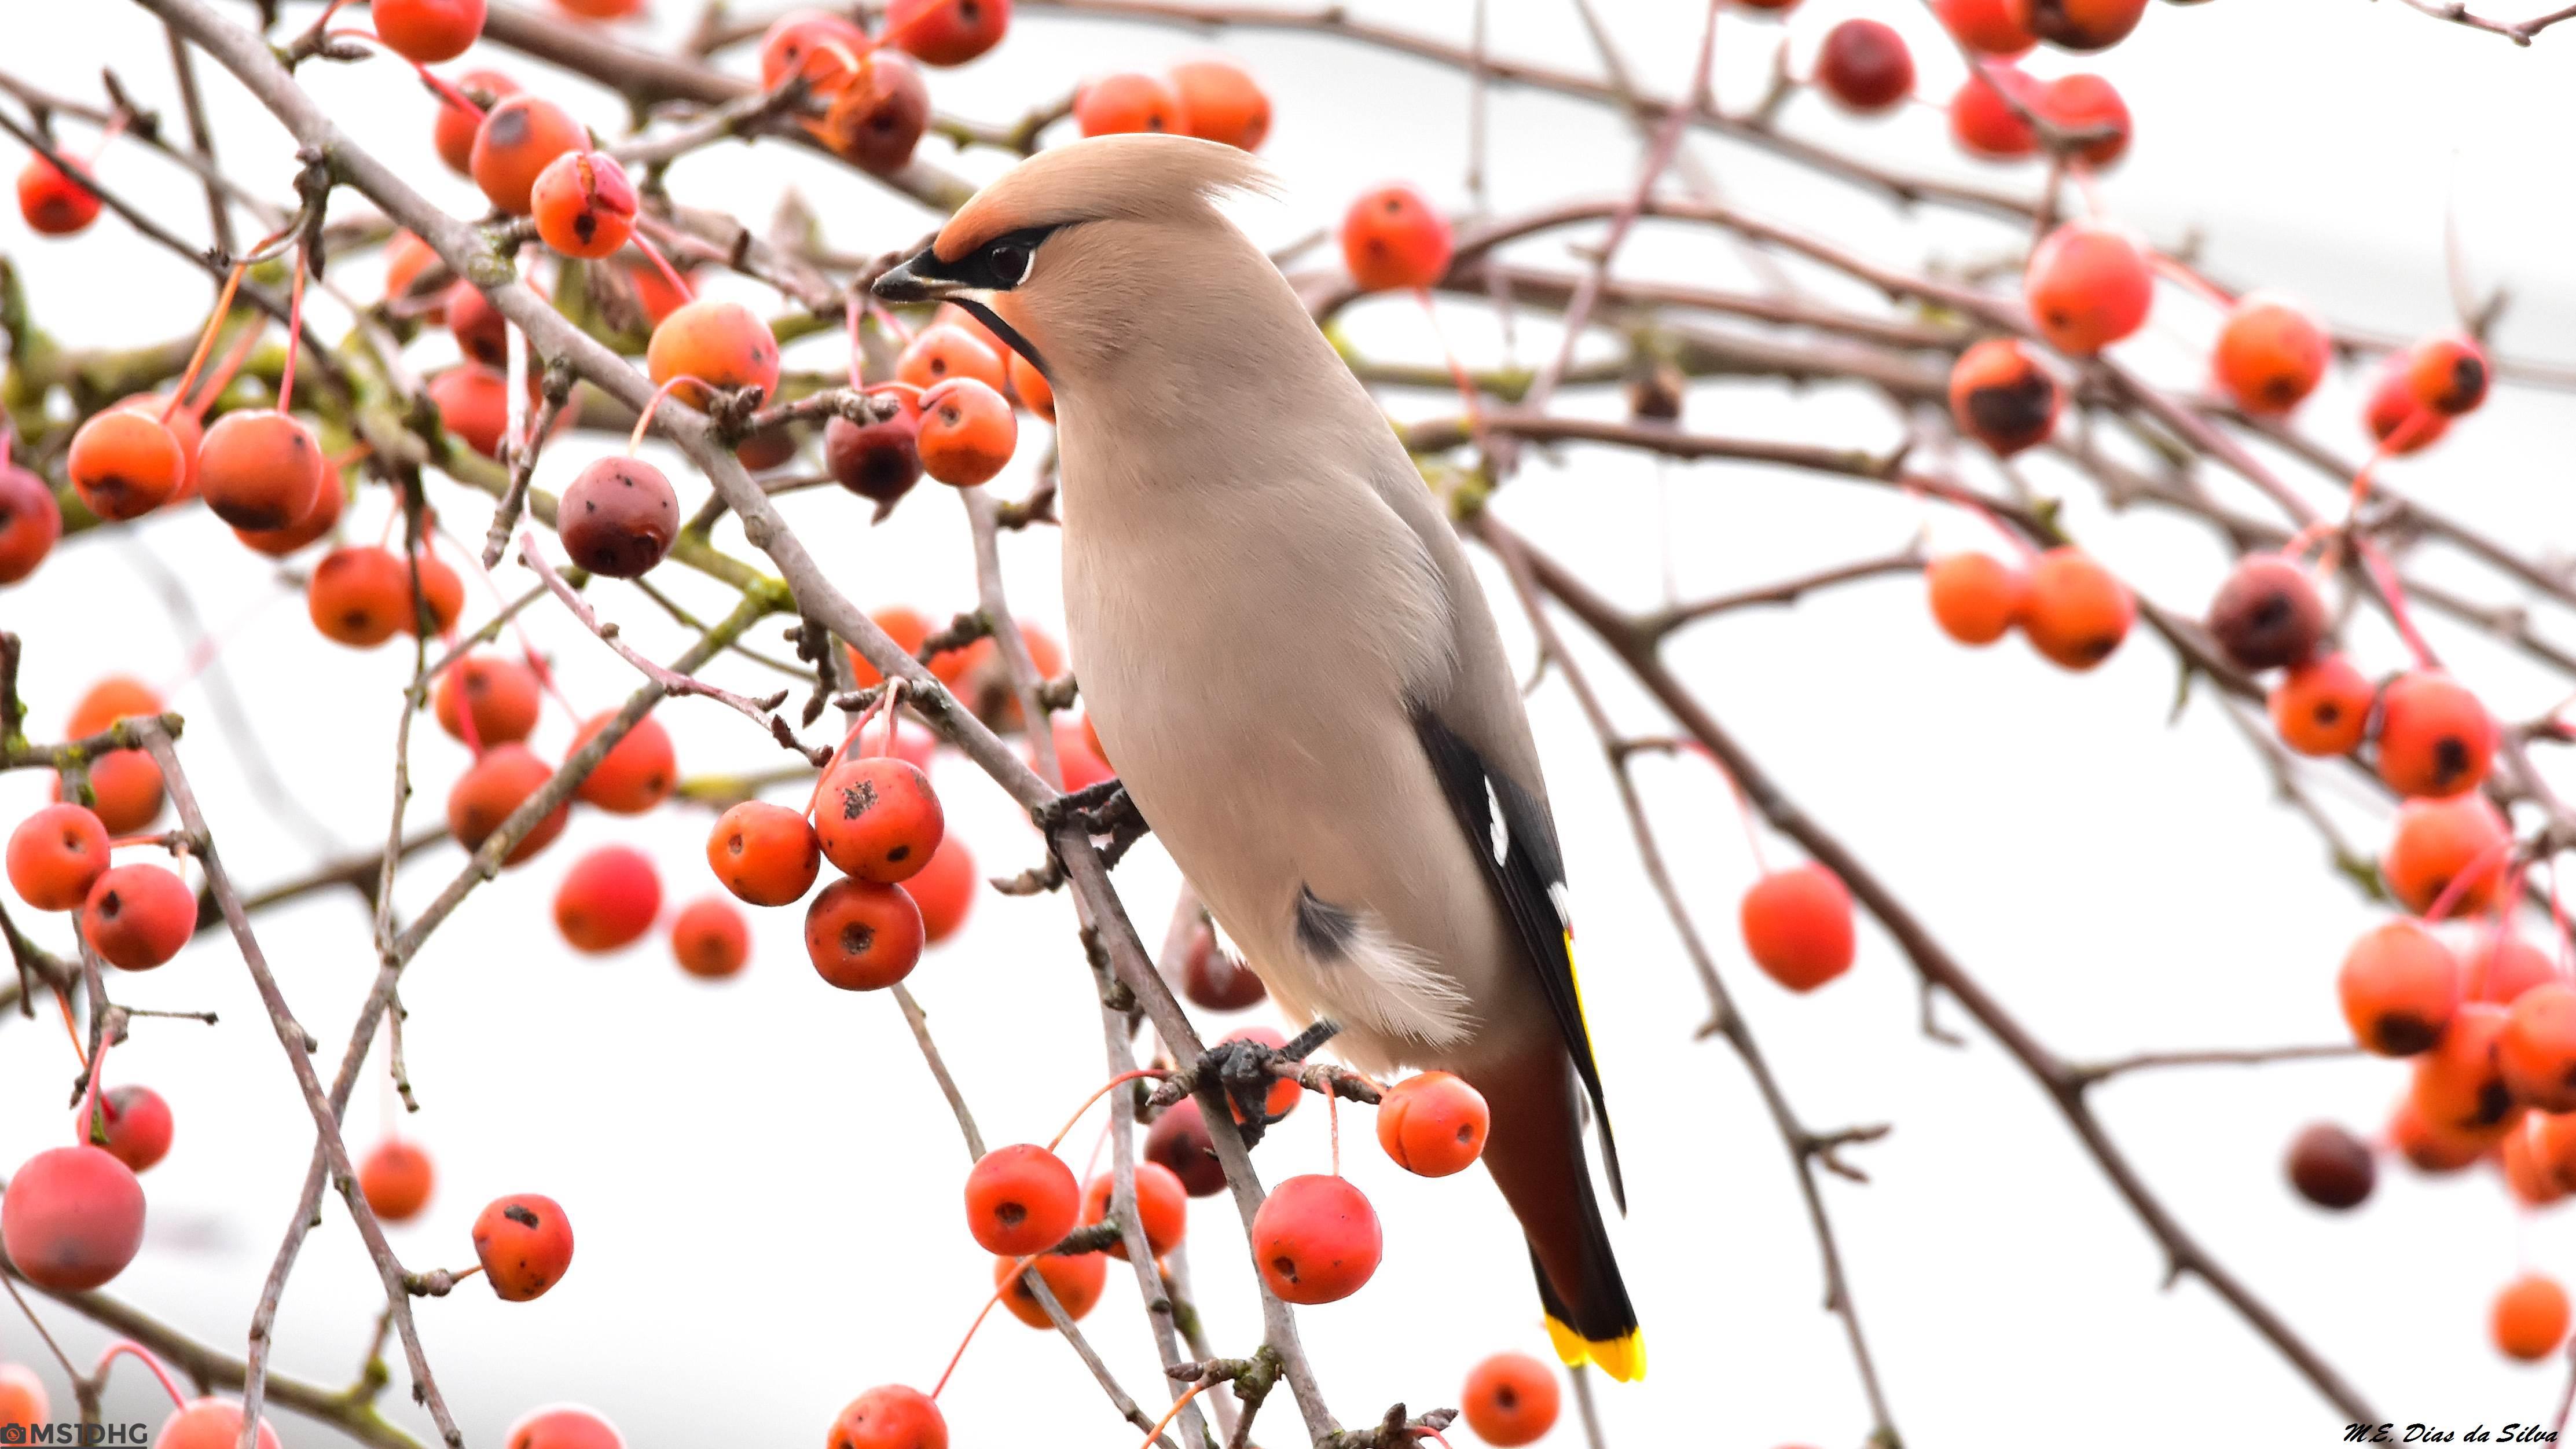 Fórum Aves - Birdwatching em Portugal - Portal Tagarela%20europeia%20(7)